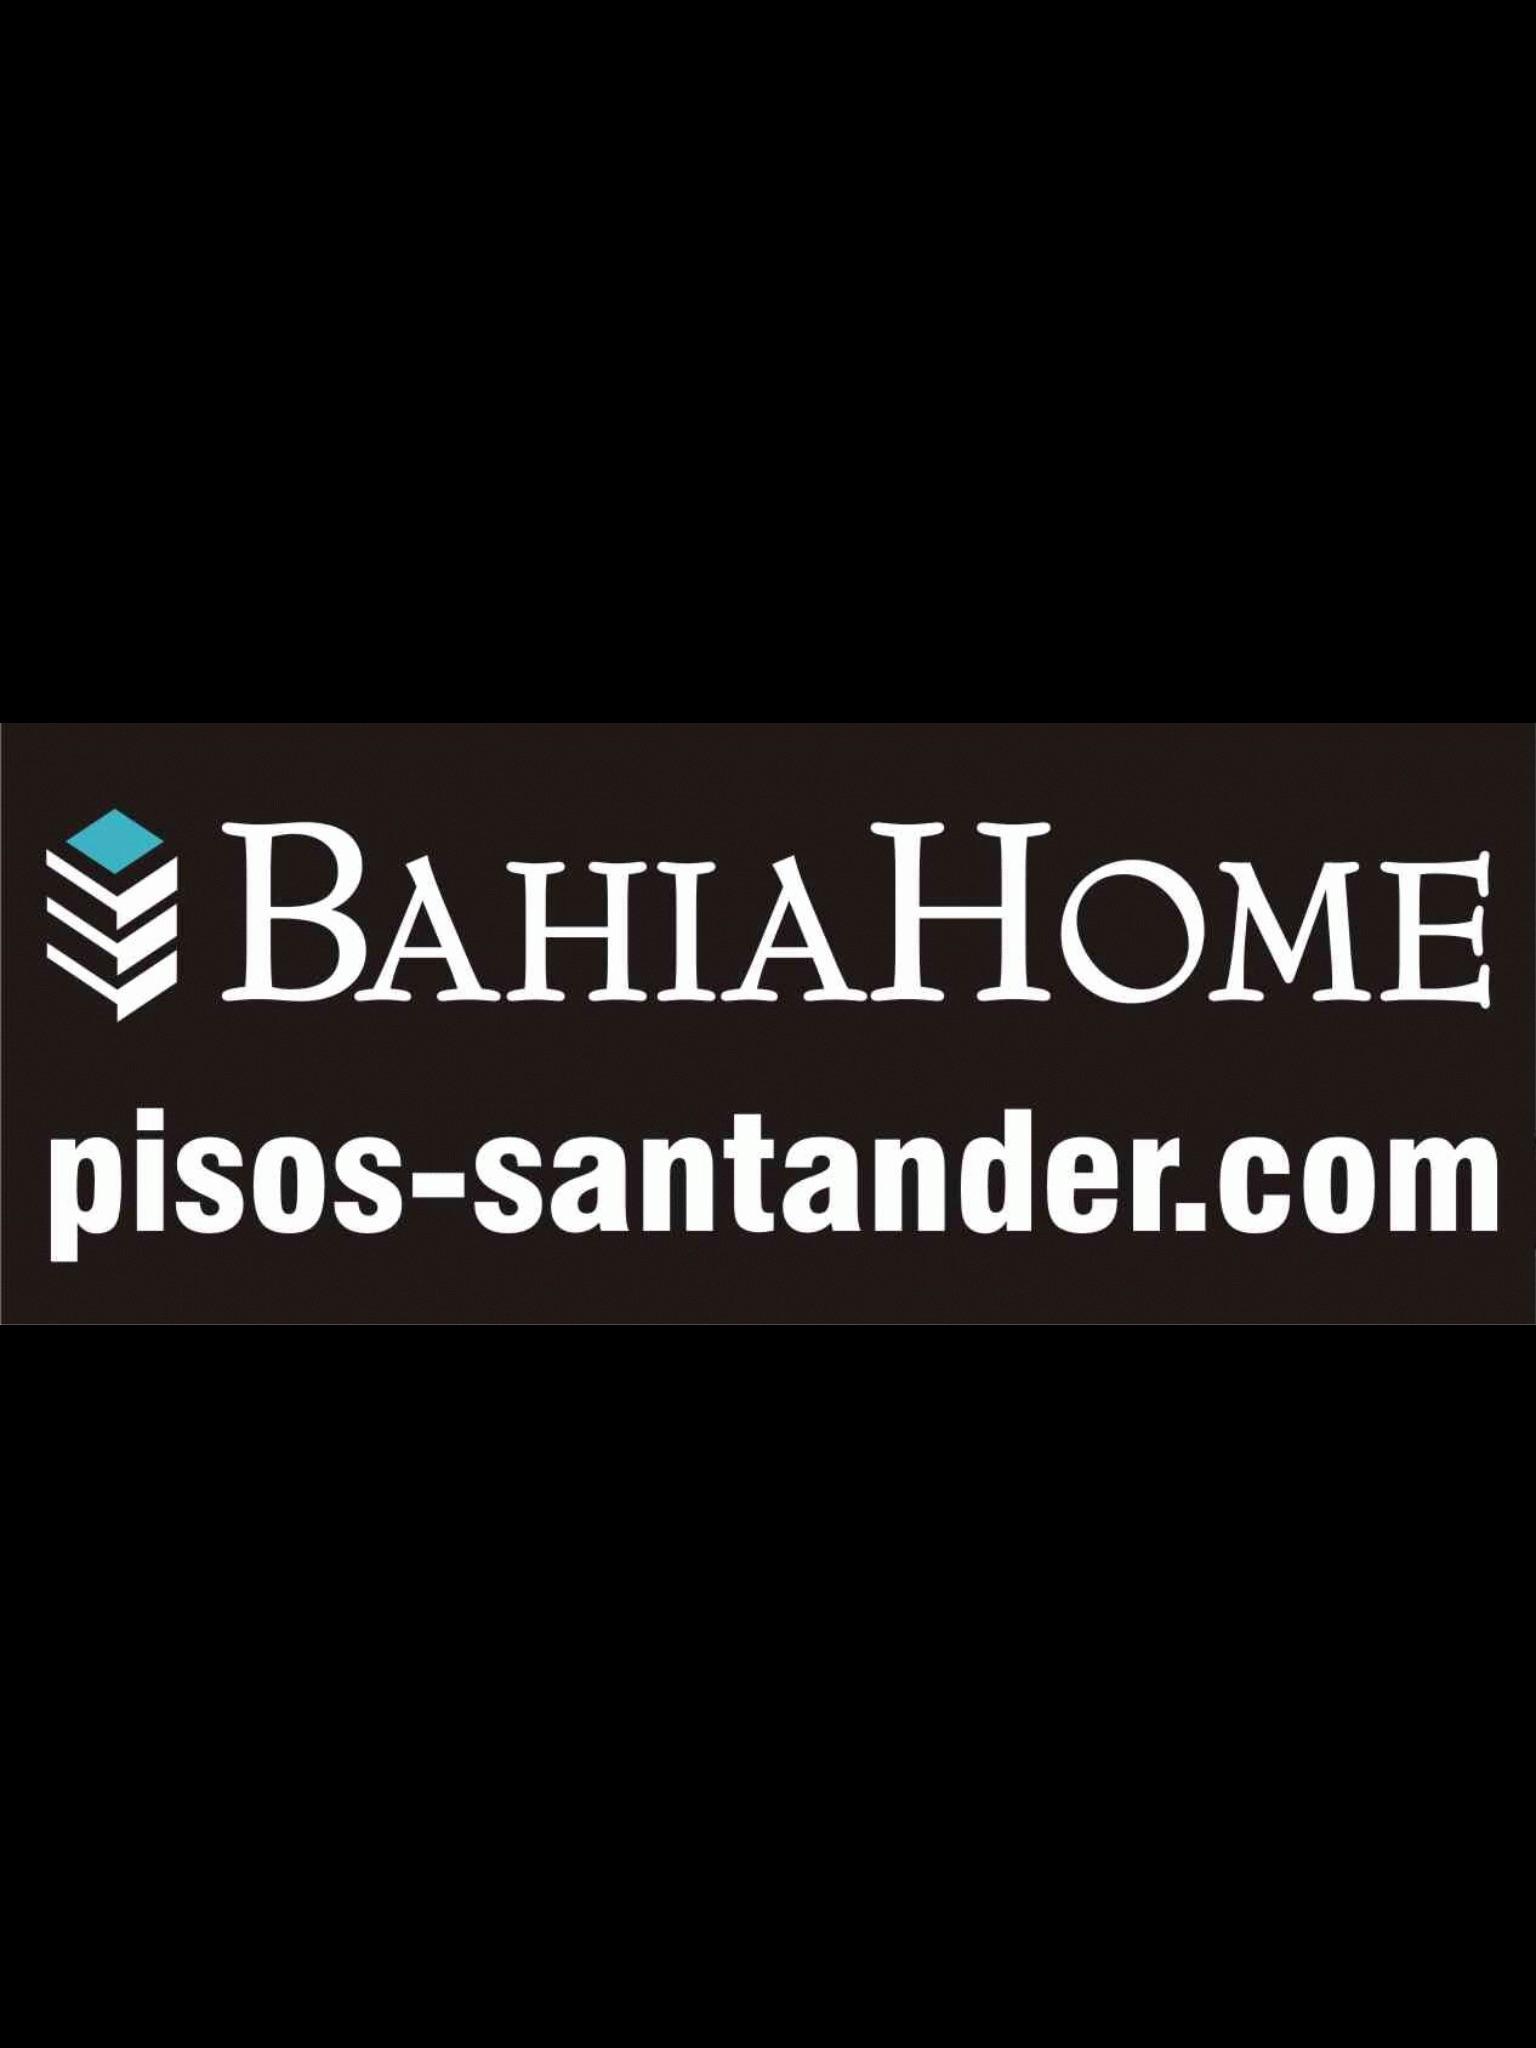 BAHIA HOME